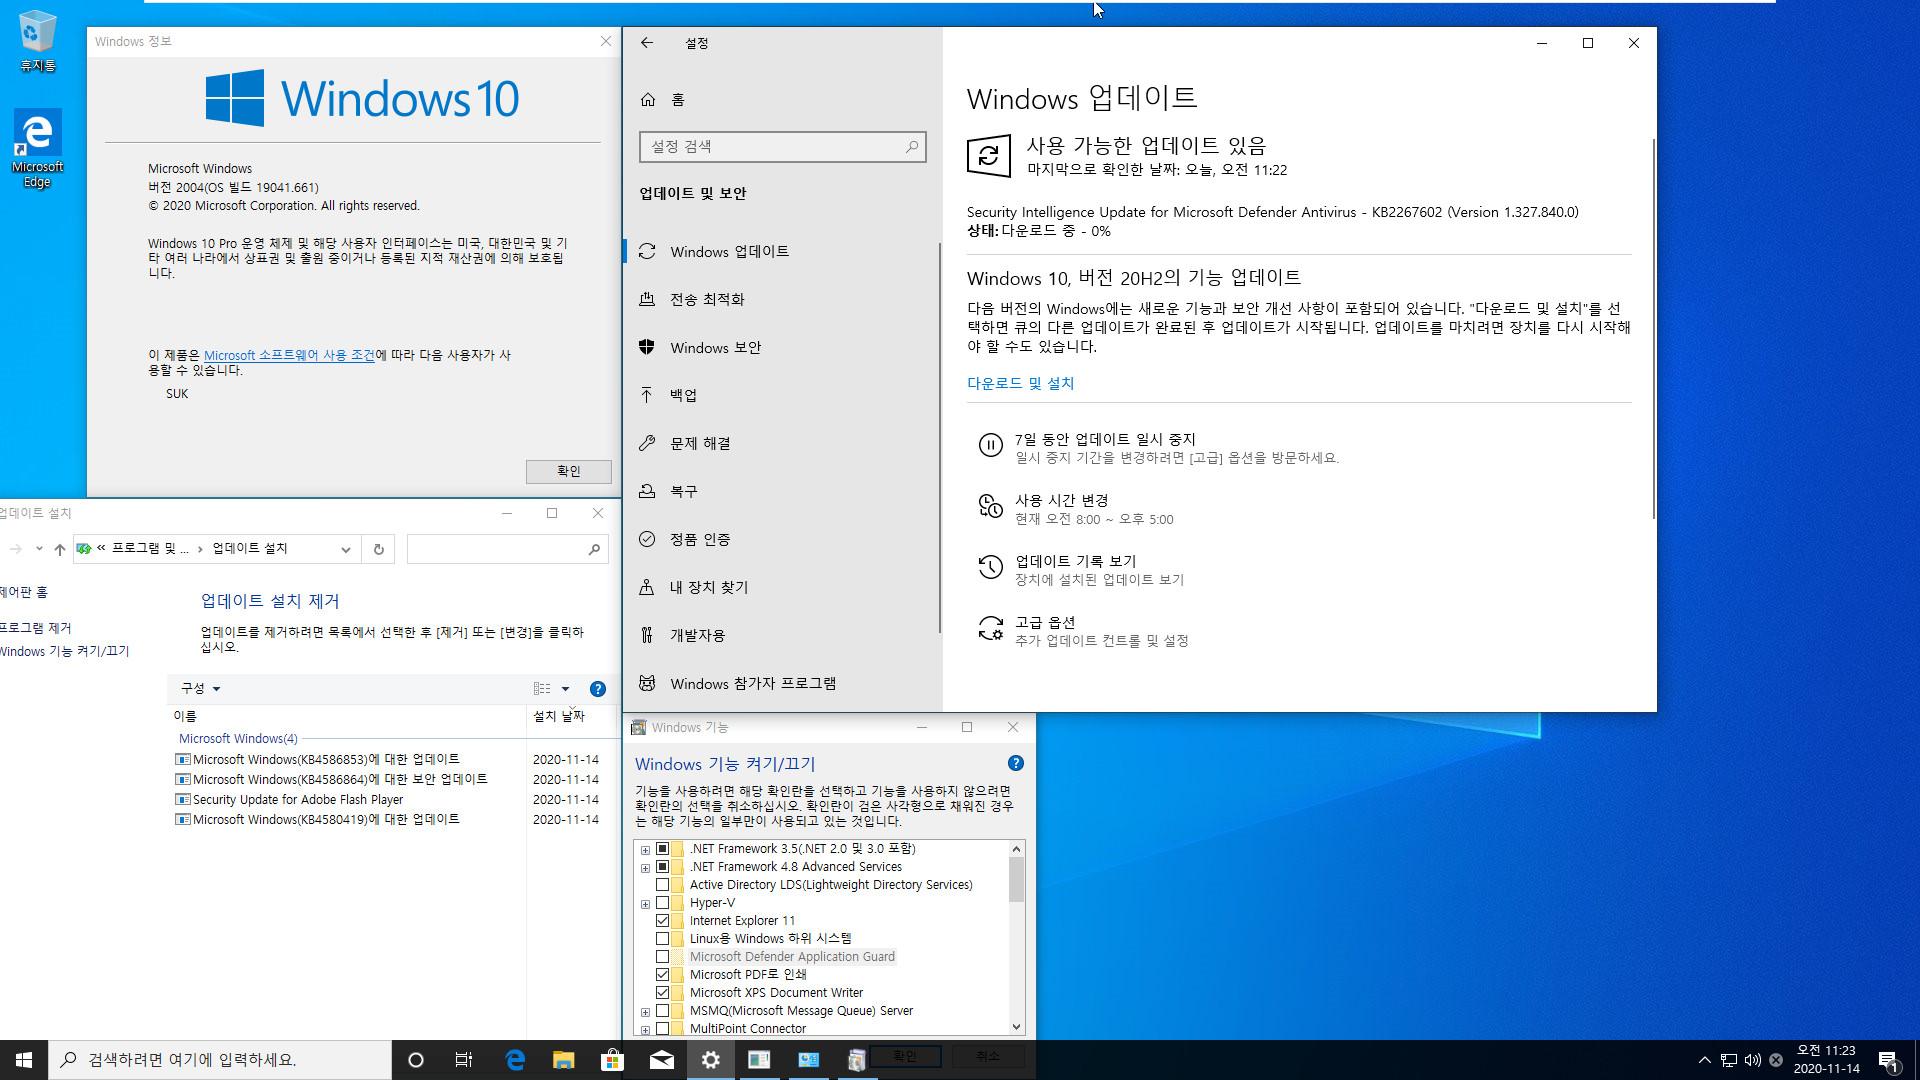 2020-11-14 토요일 [프리뷰] 통합 PRO x64 2개 - Windows 10 버전 2004 + 버전 20H2 누적 업데이트 KB4586853 (OS 빌드 19041.661 + 19042.661) v2 - 윈도우 설치 테스트 2020-11-14_112300.jpg